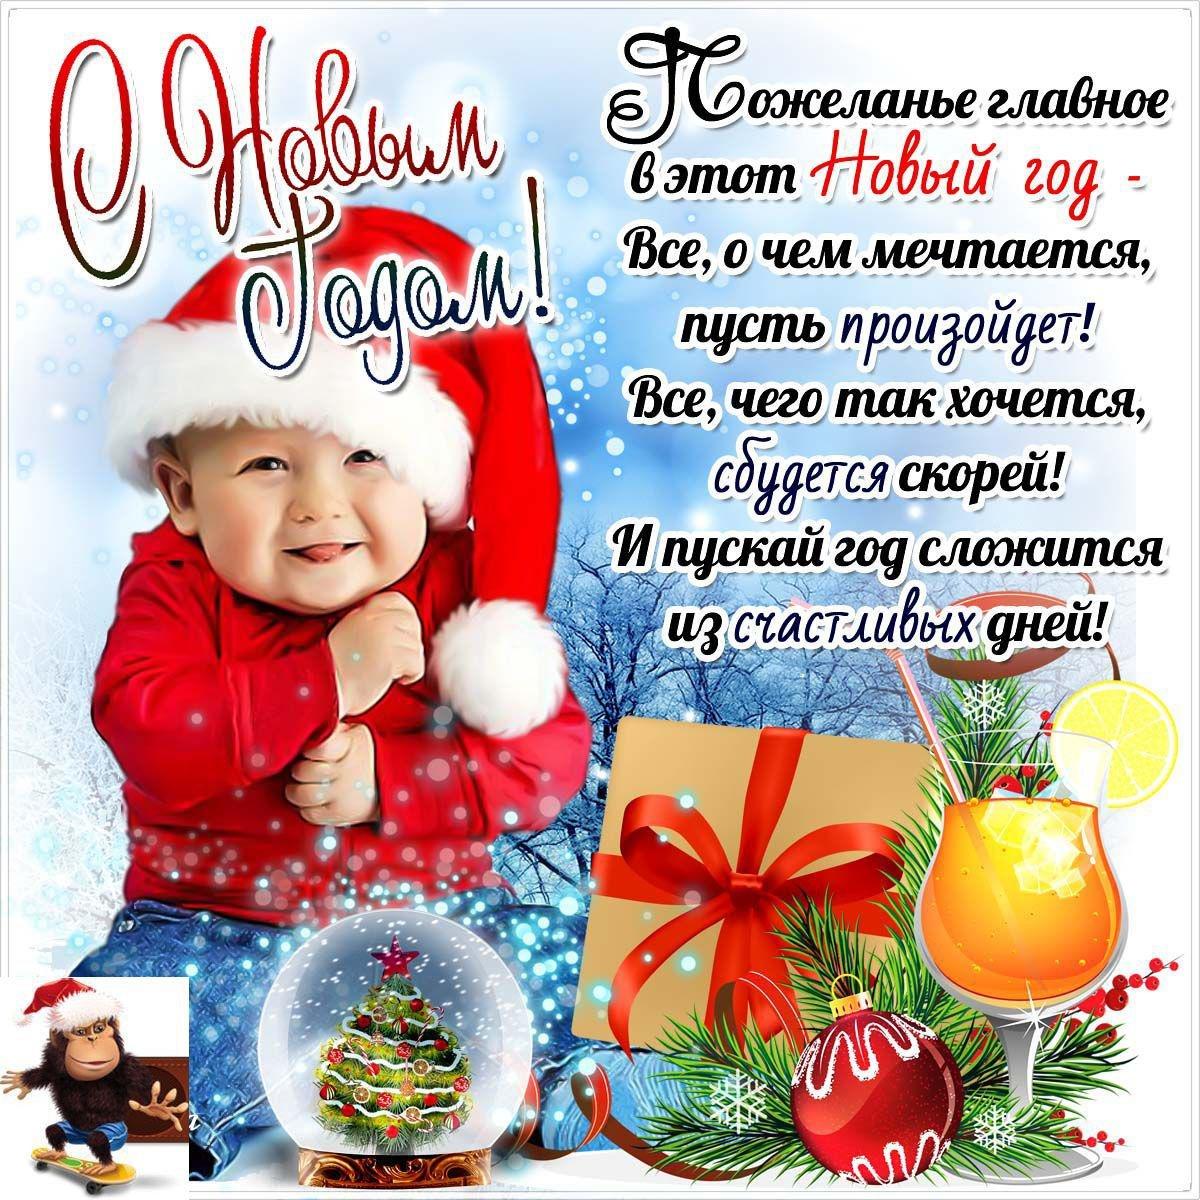 причины красивое новогоднее поздравление для друзей камень под разными